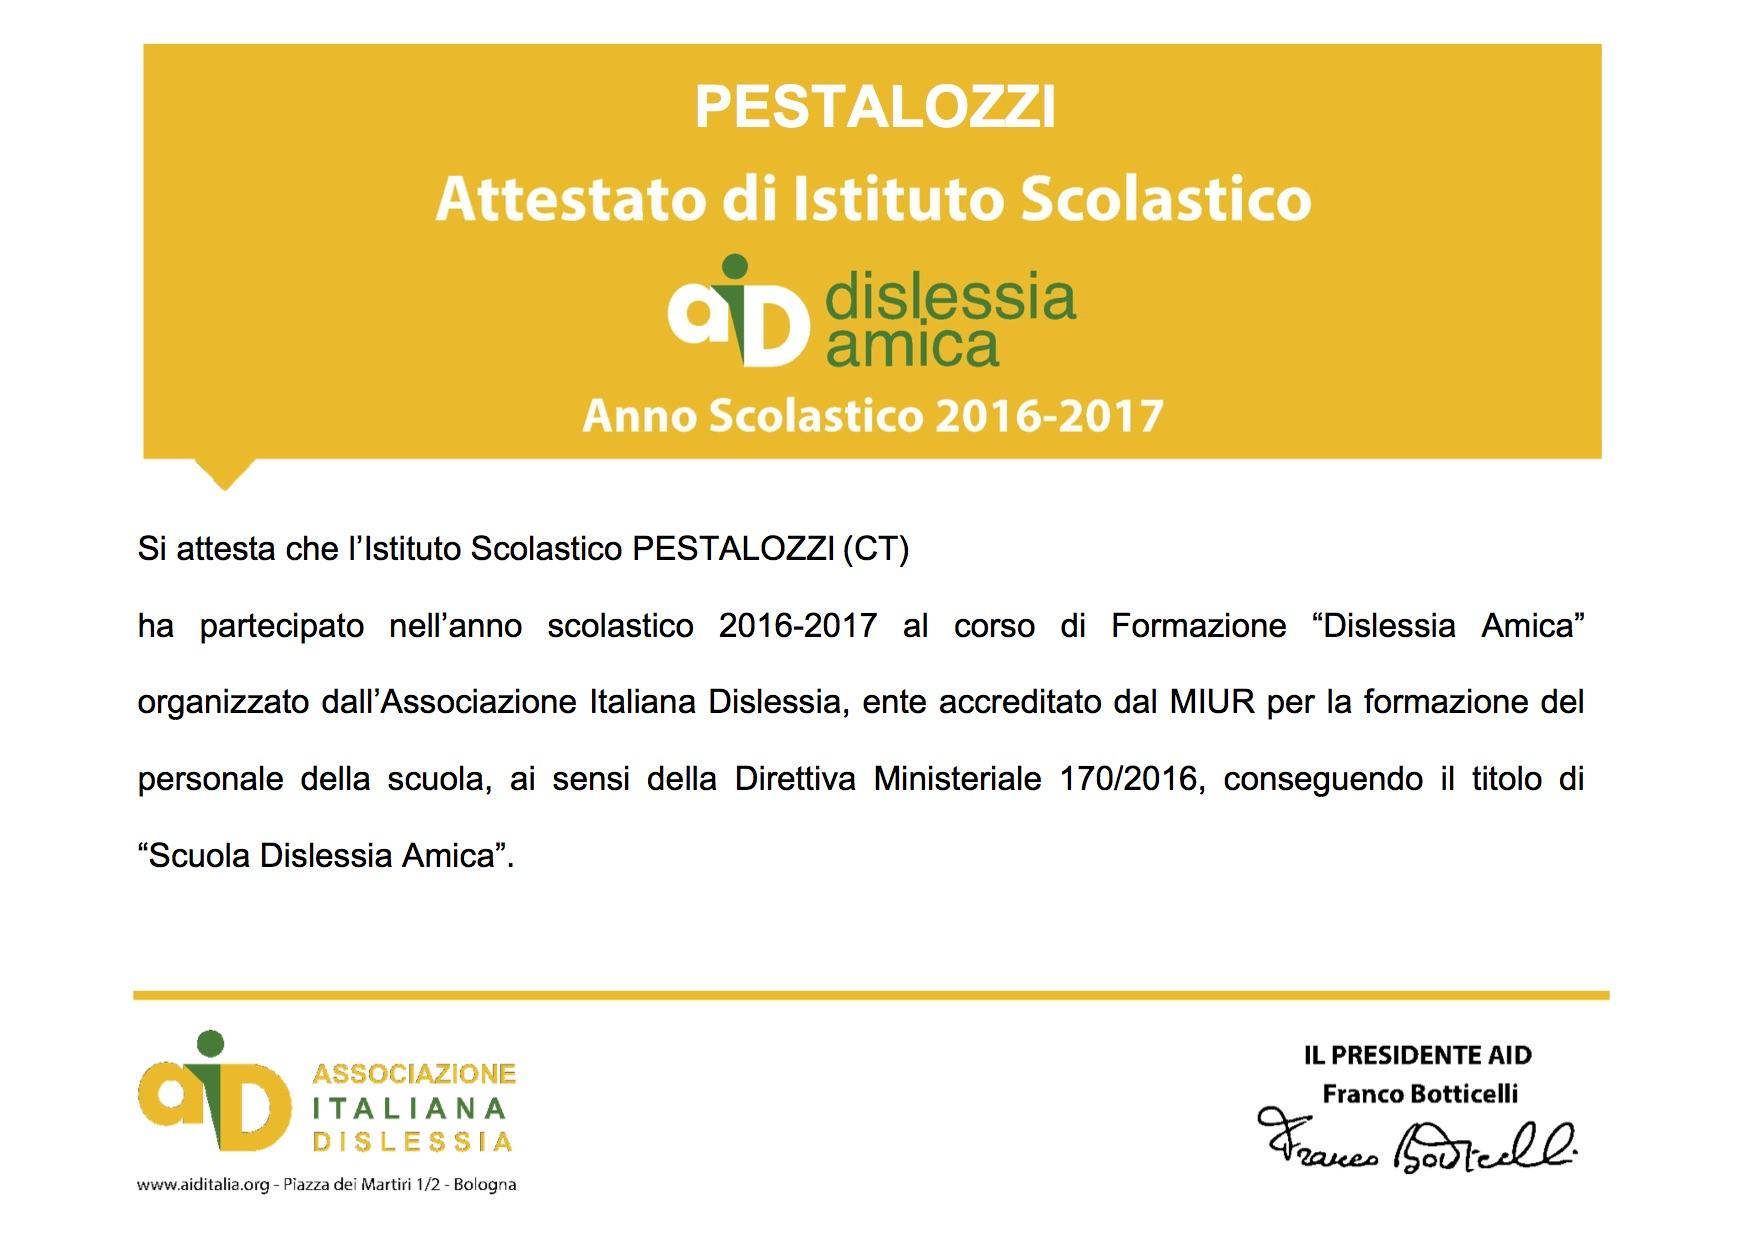 Attestato partecipazione Dislessia Amica_Pestalozzi